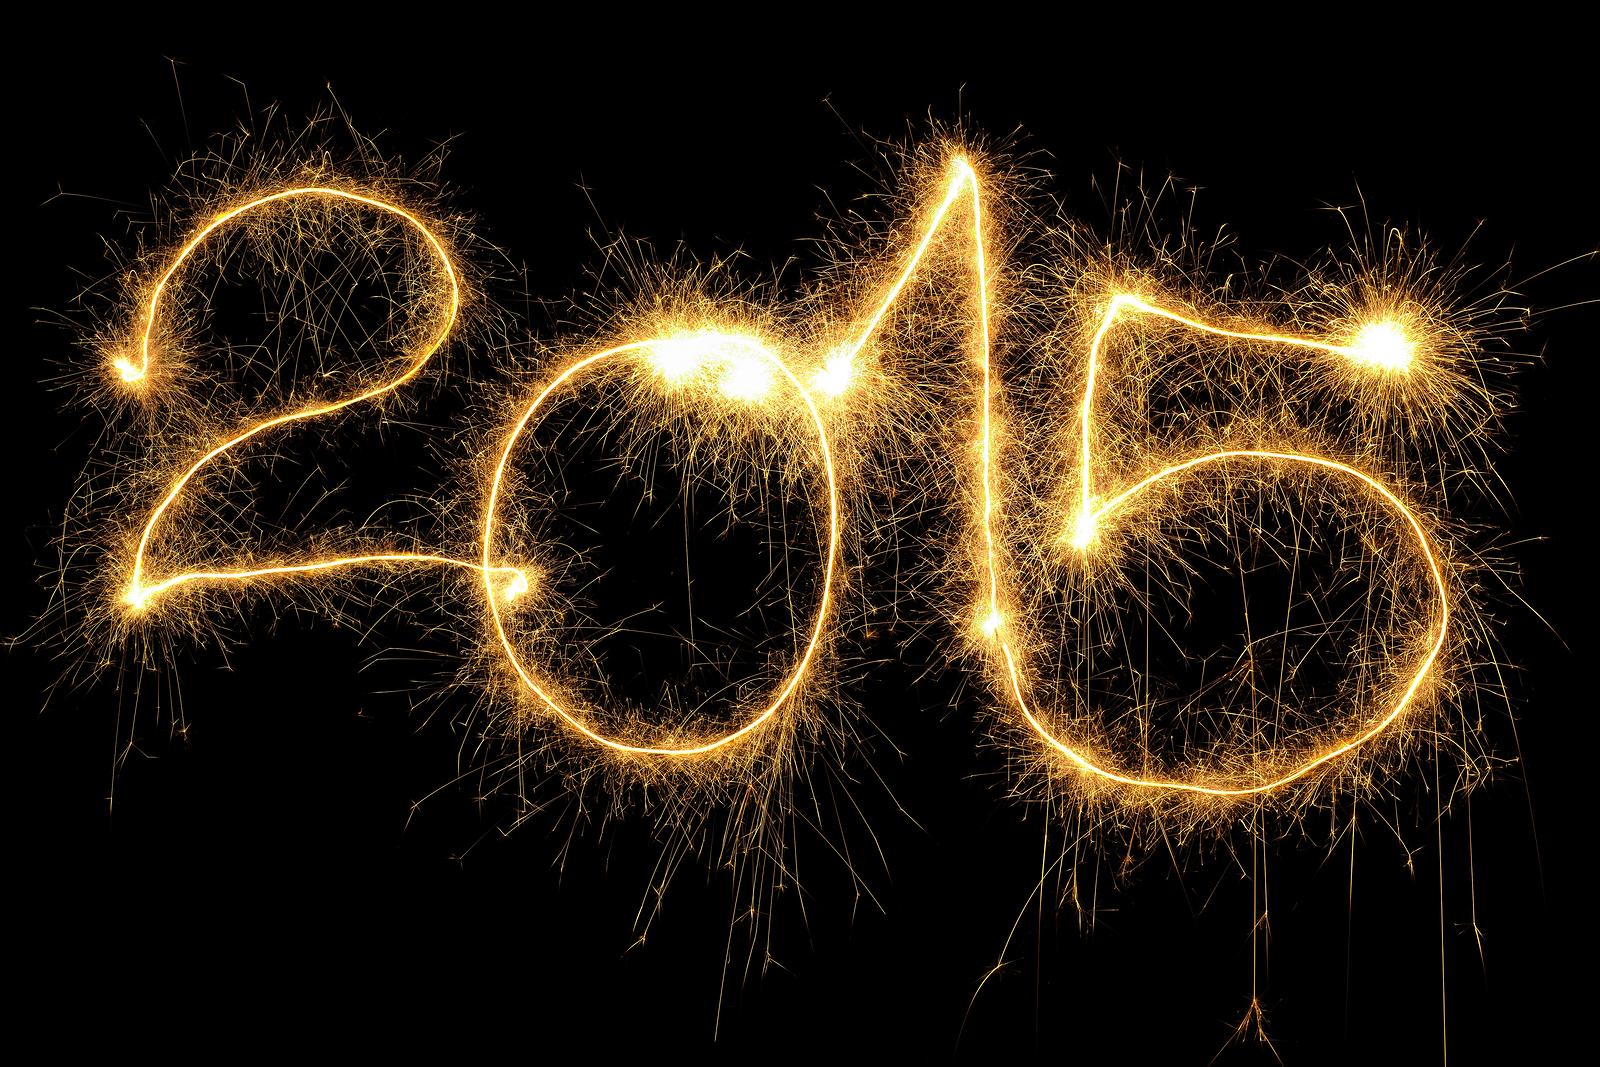 Καλή χρονιά! Ευτυχισμένο το 2015!